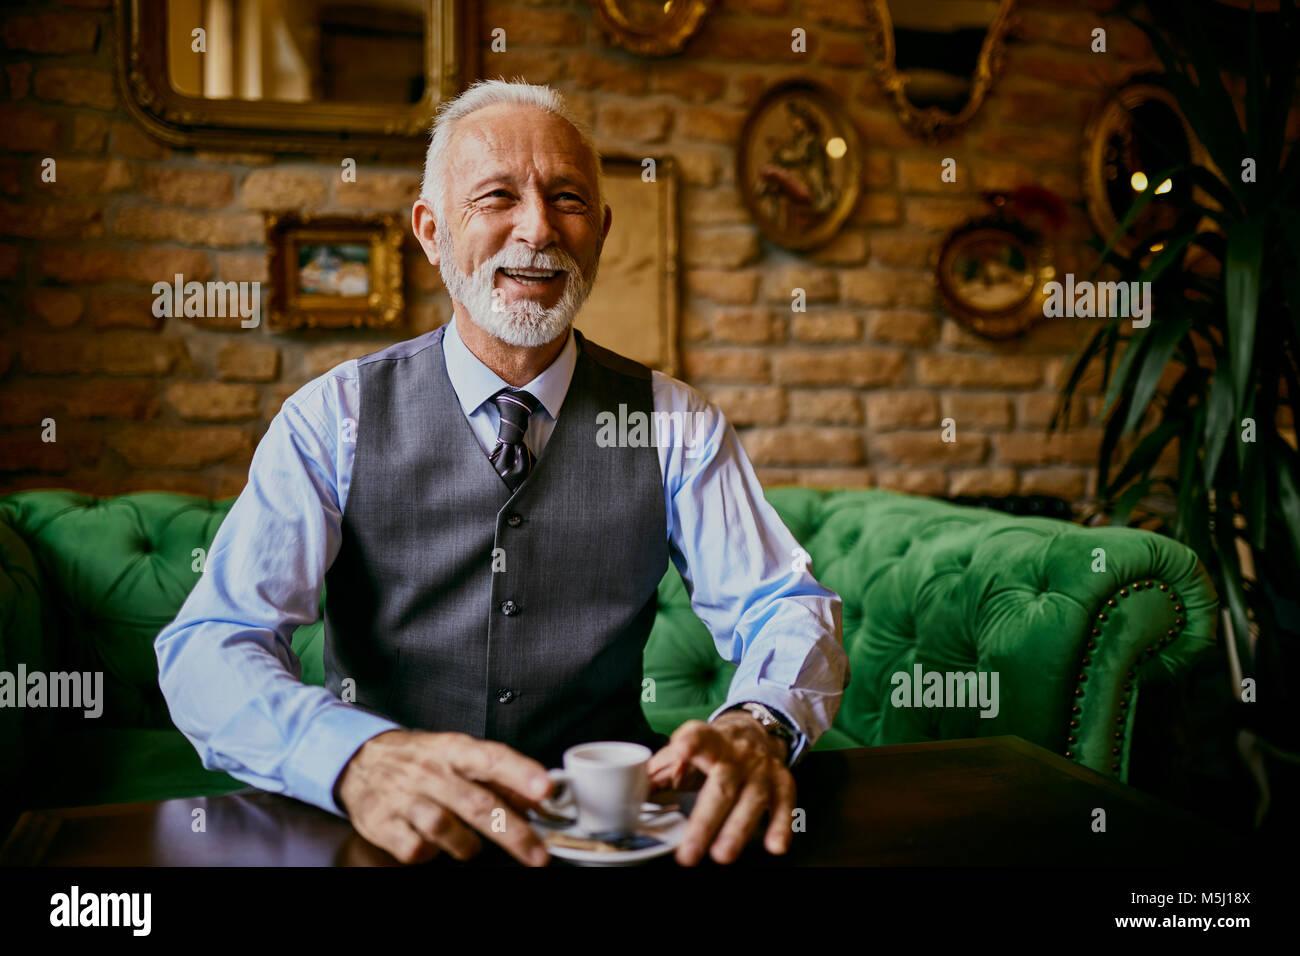 Portrait d'élégante senior man sitting on couch in a cafe smiling Banque D'Images